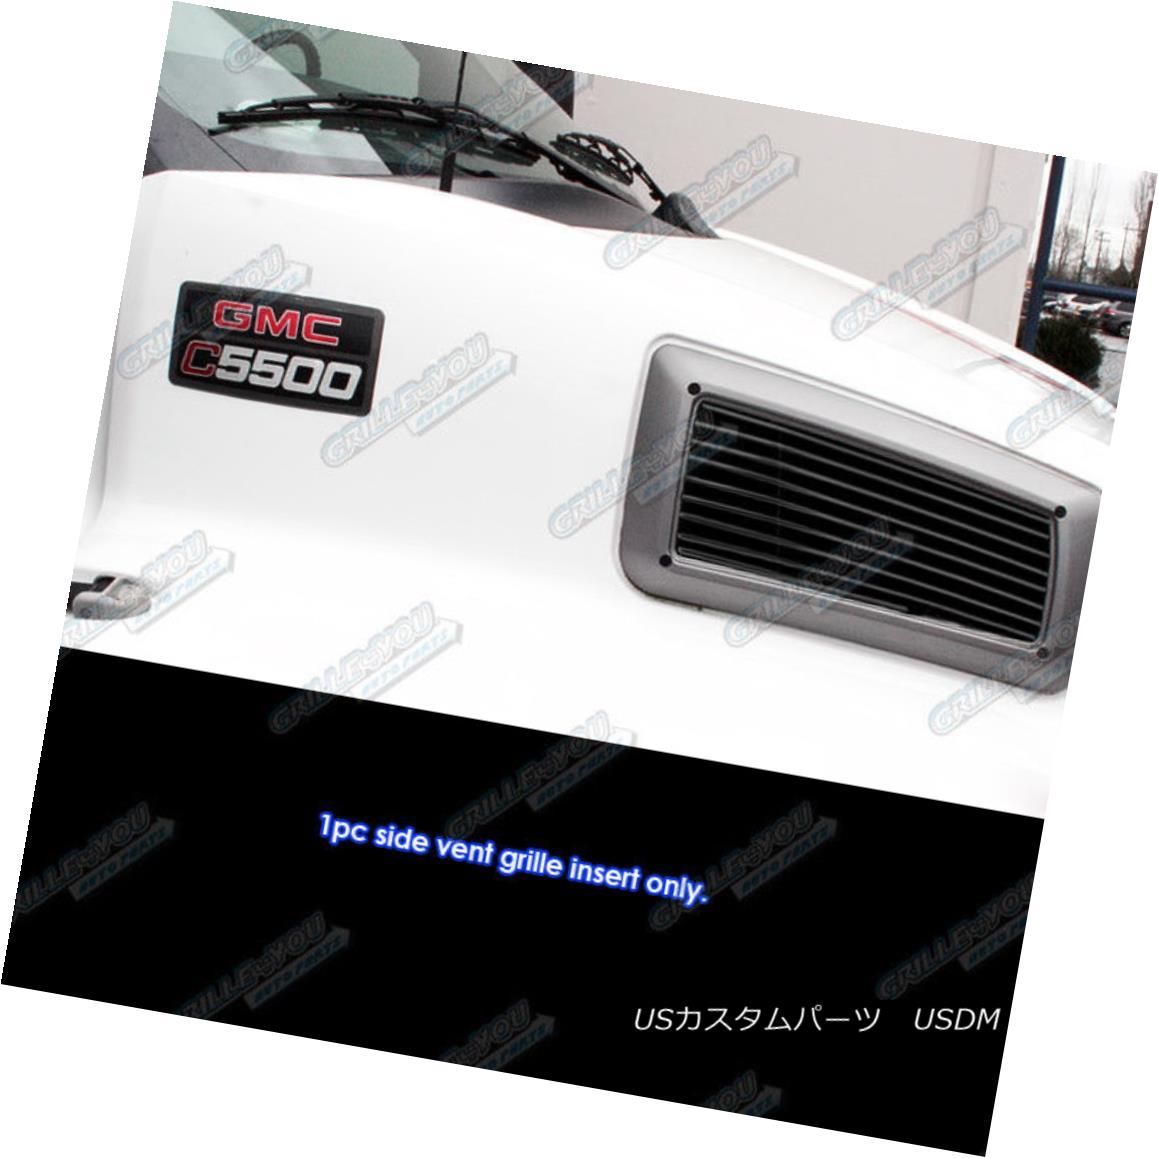 グリル For 2003-2009 Chevy Kodiak C4500/C5500 Side Vent Black Billet Grille insert 2003-2009シボレーコディアックC4500 / C5500サイドベントブラックビレットグリルインサート用